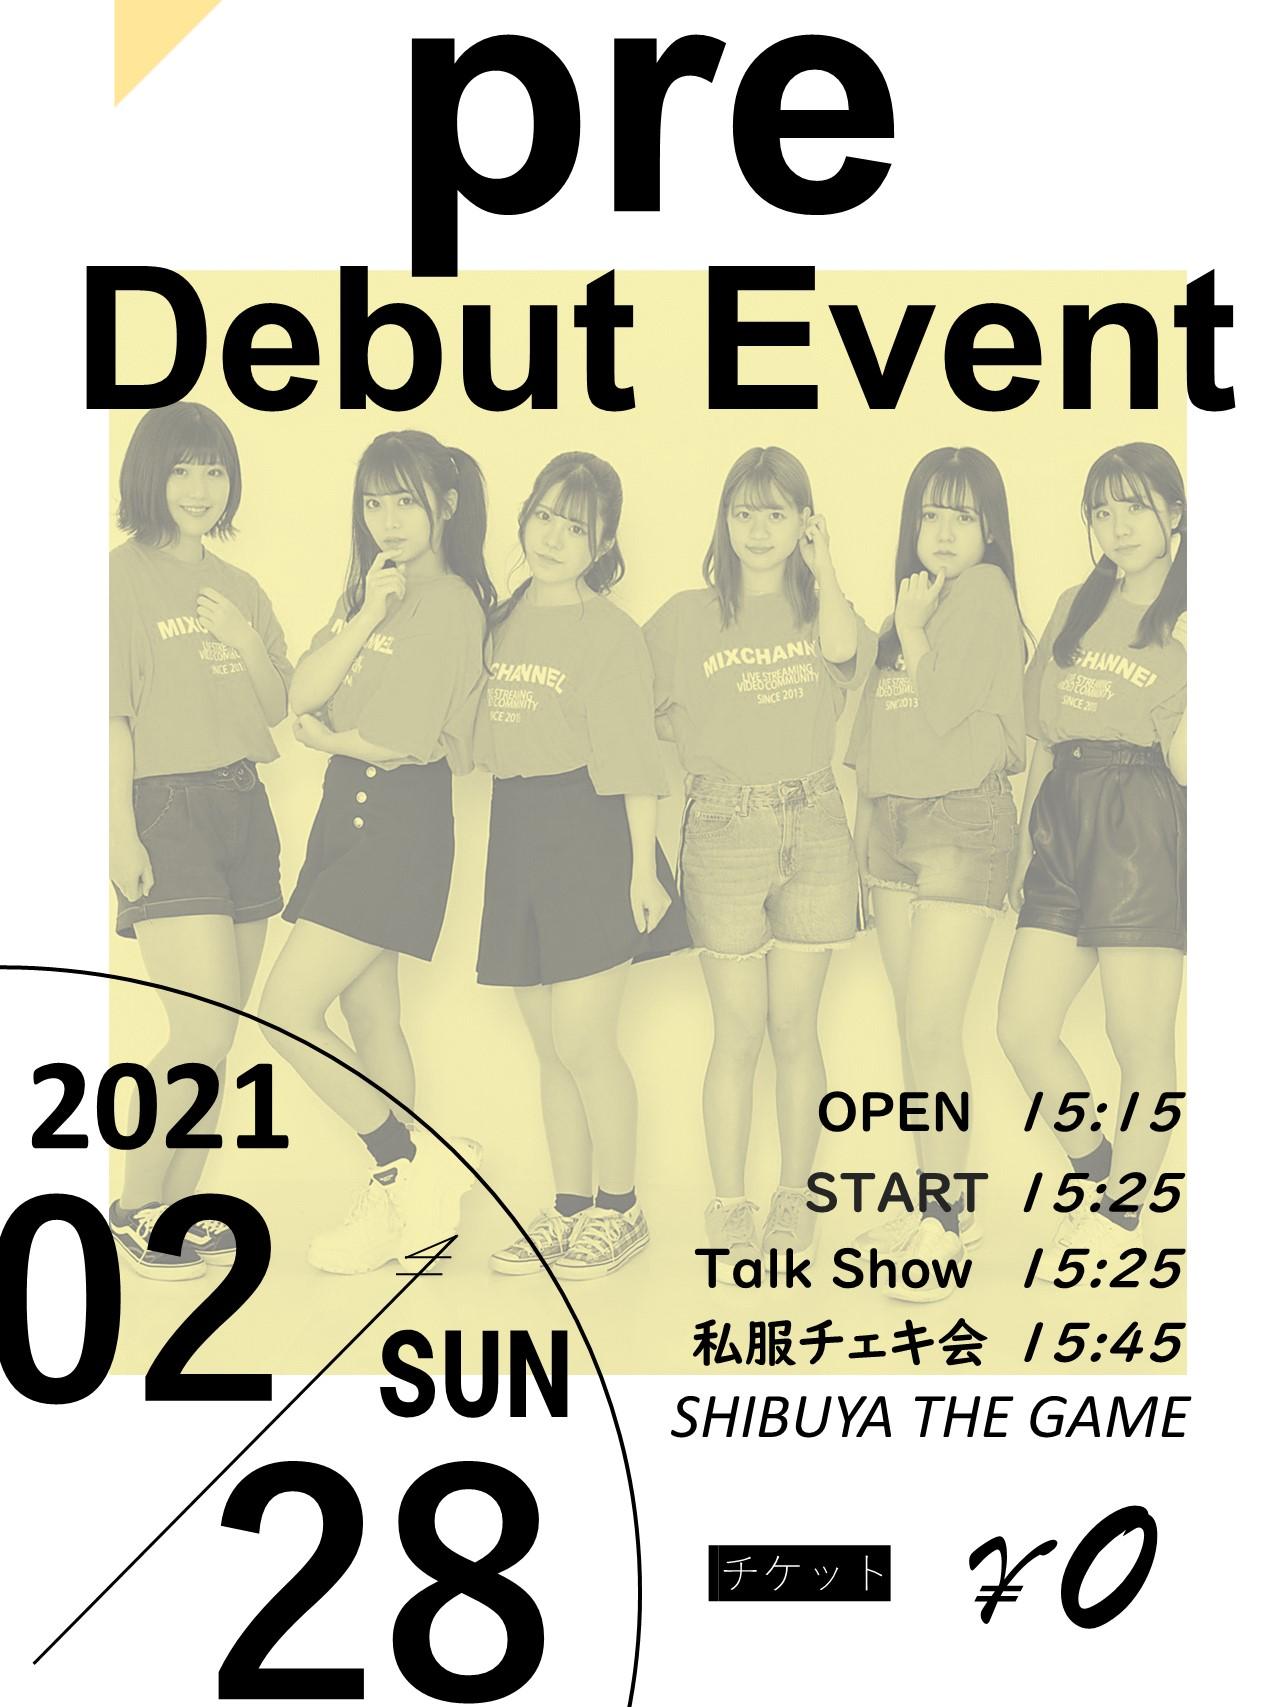 よじこん pre Debut Event!